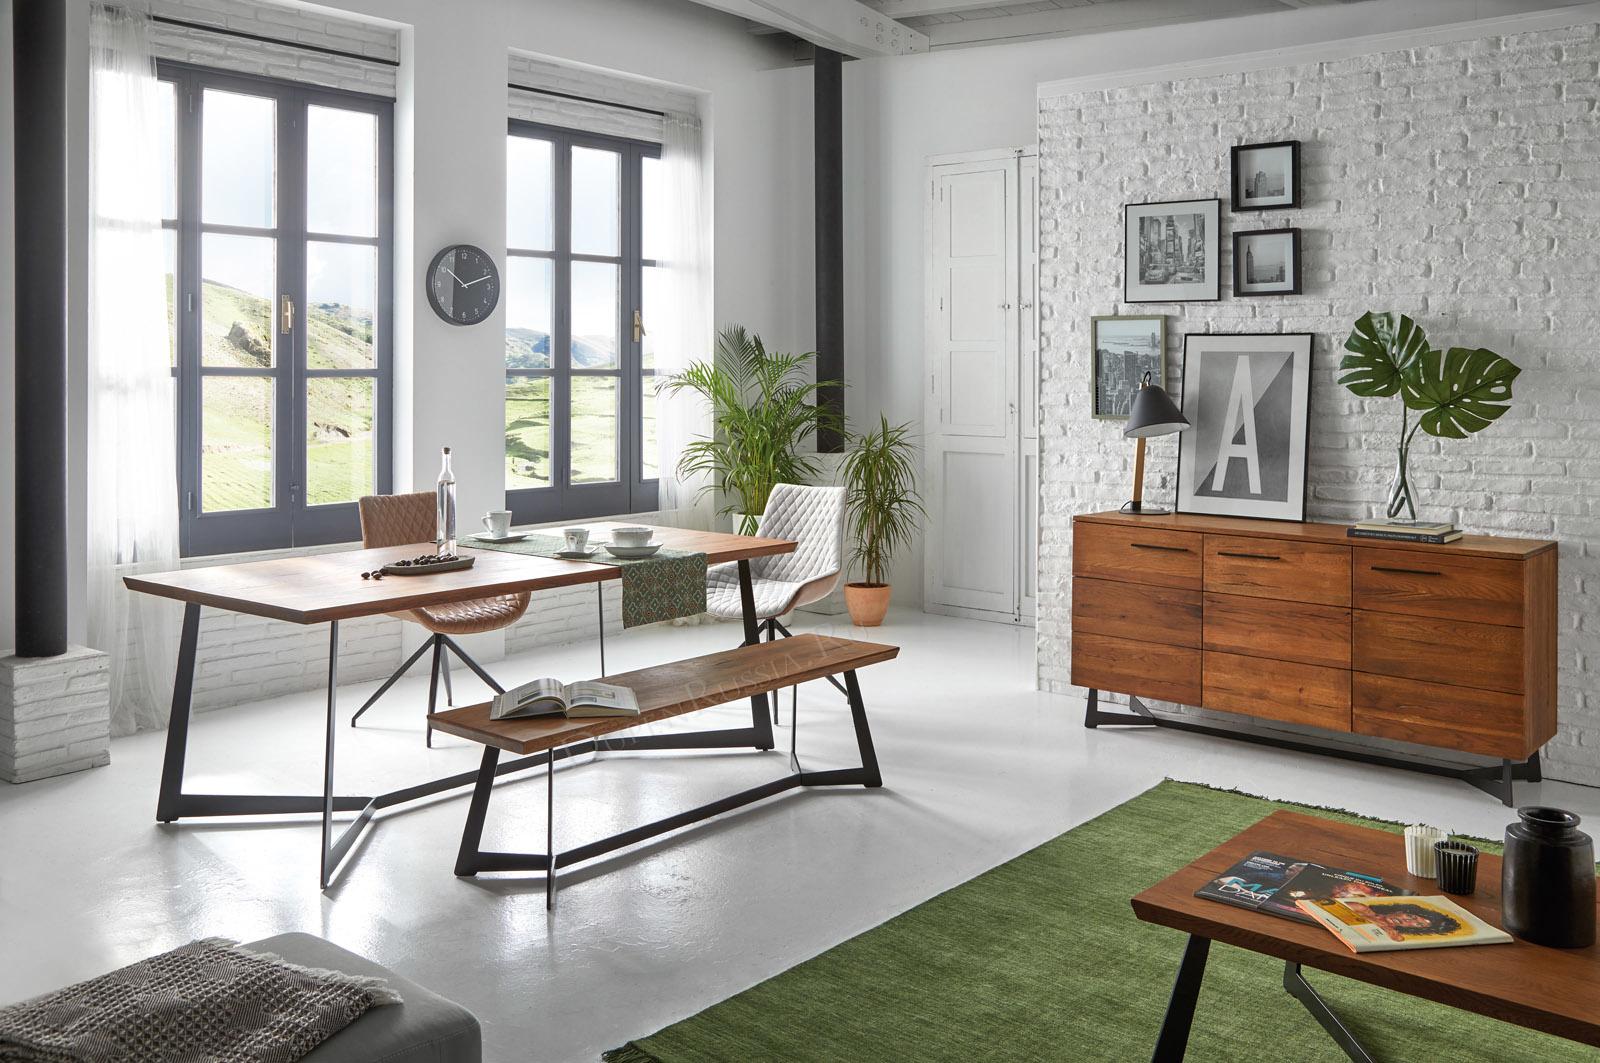 Коллекция OREGON DUPEN: стол, скамья, буфет и журнальный столик